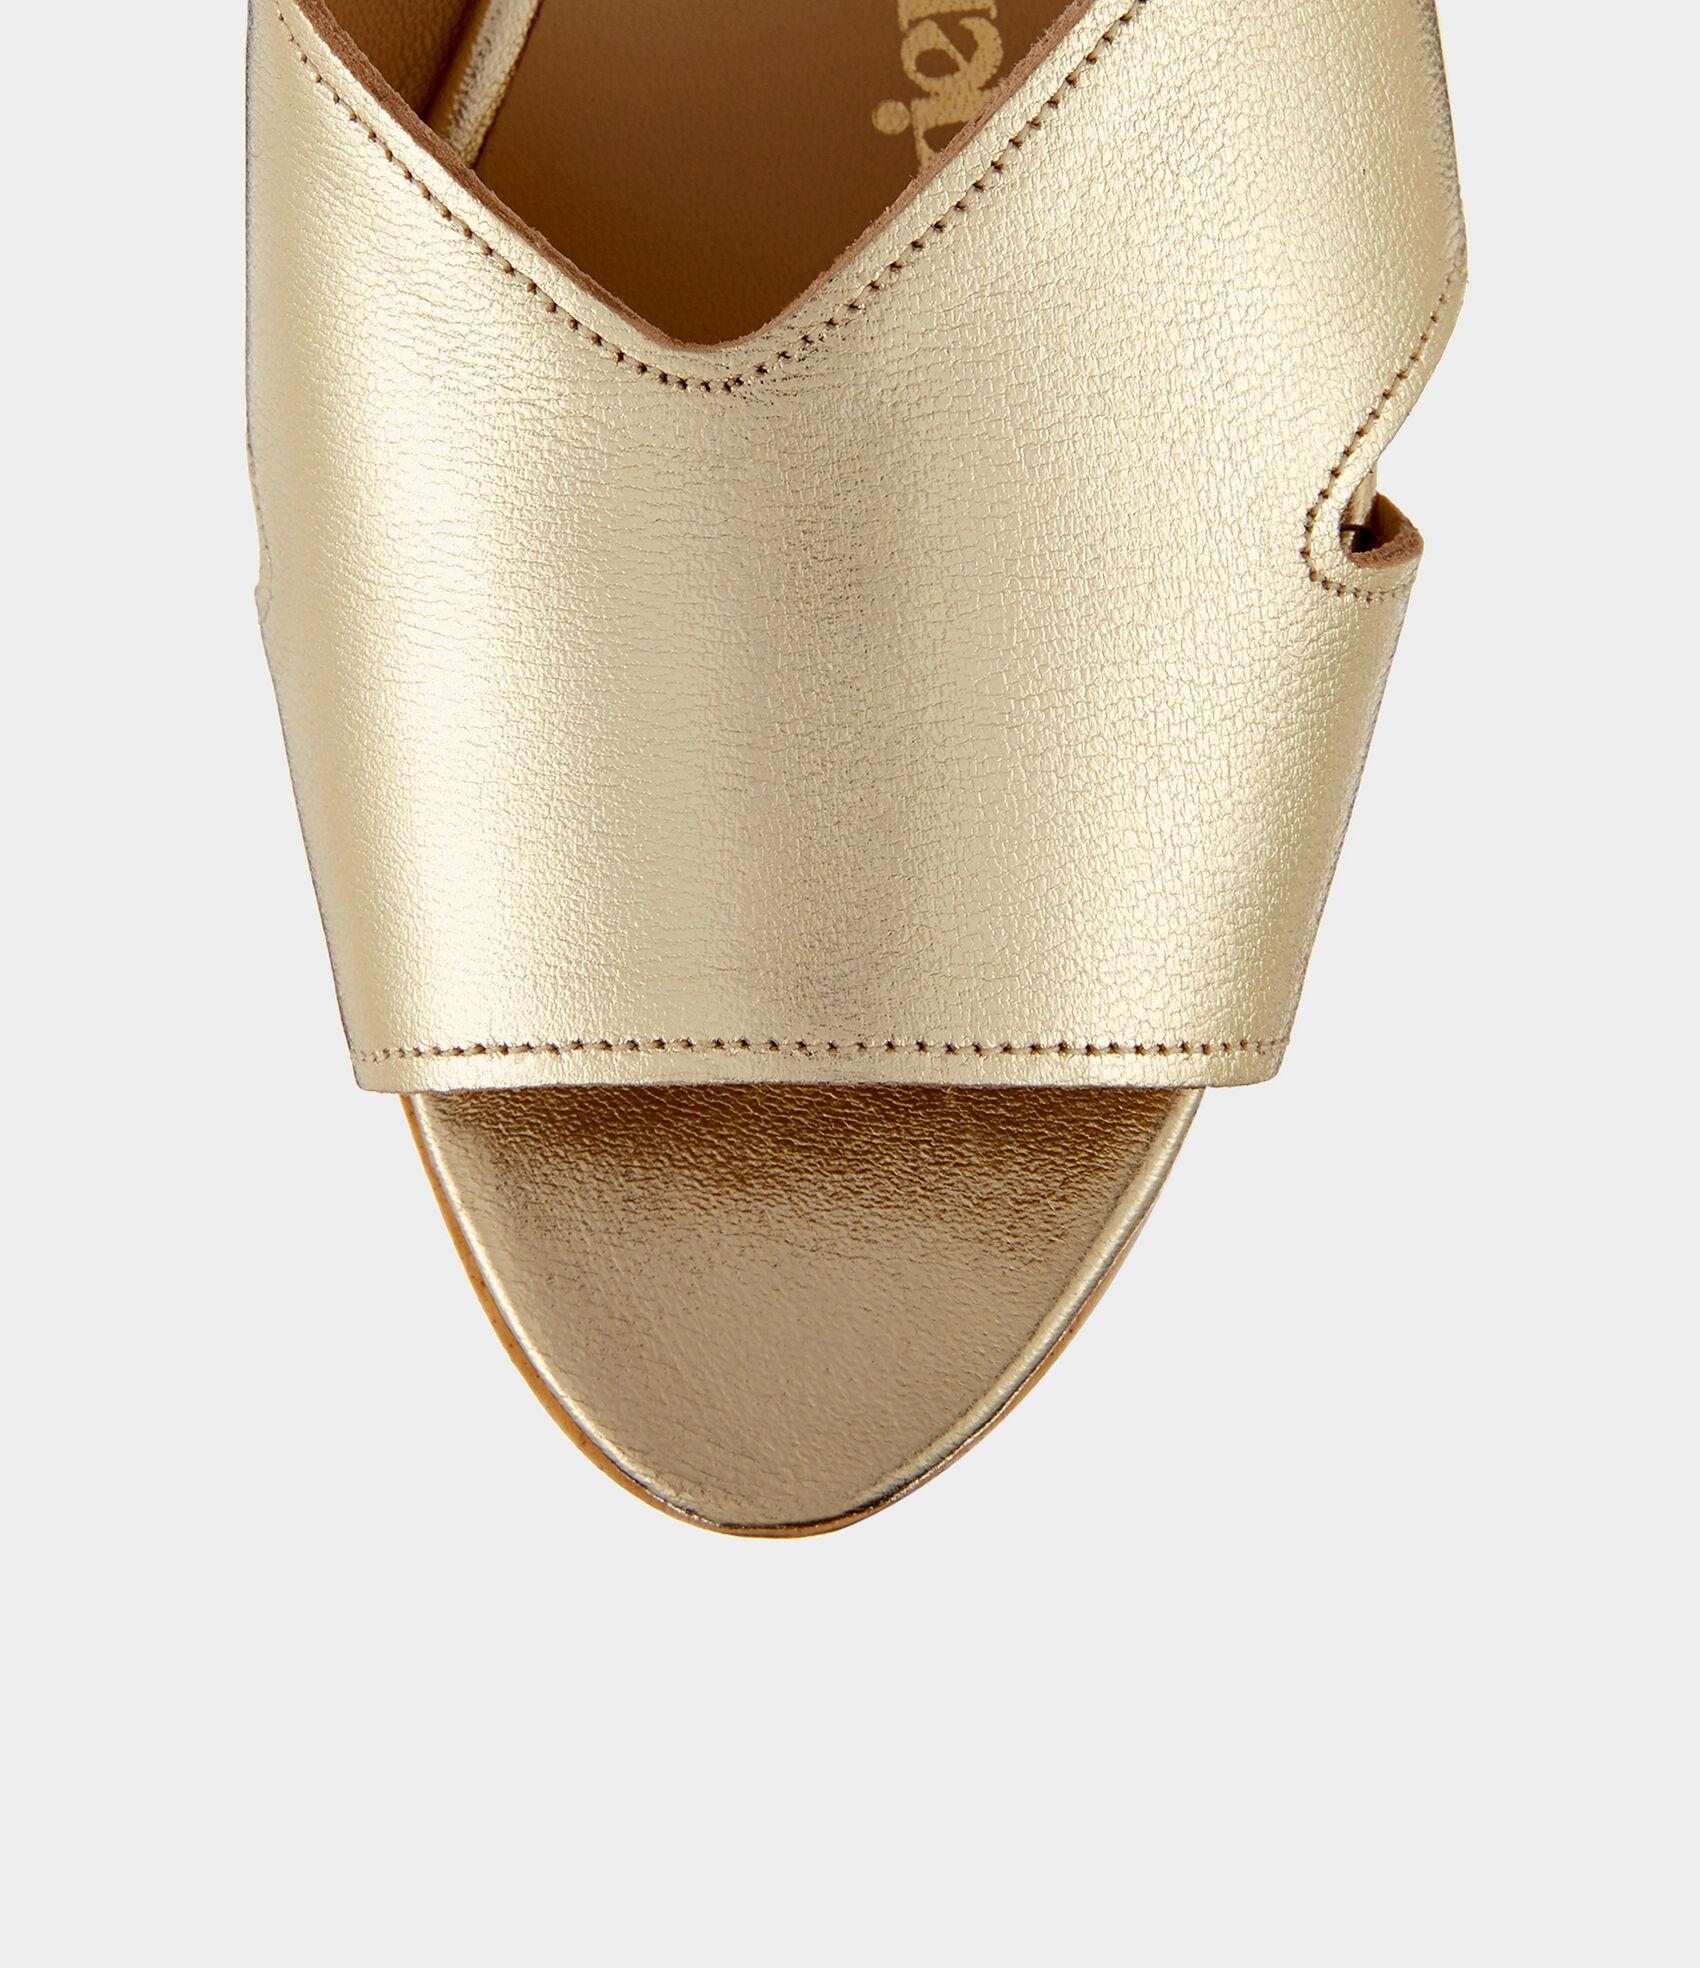 e7432f920f89 Vivienne Westwood Sandals